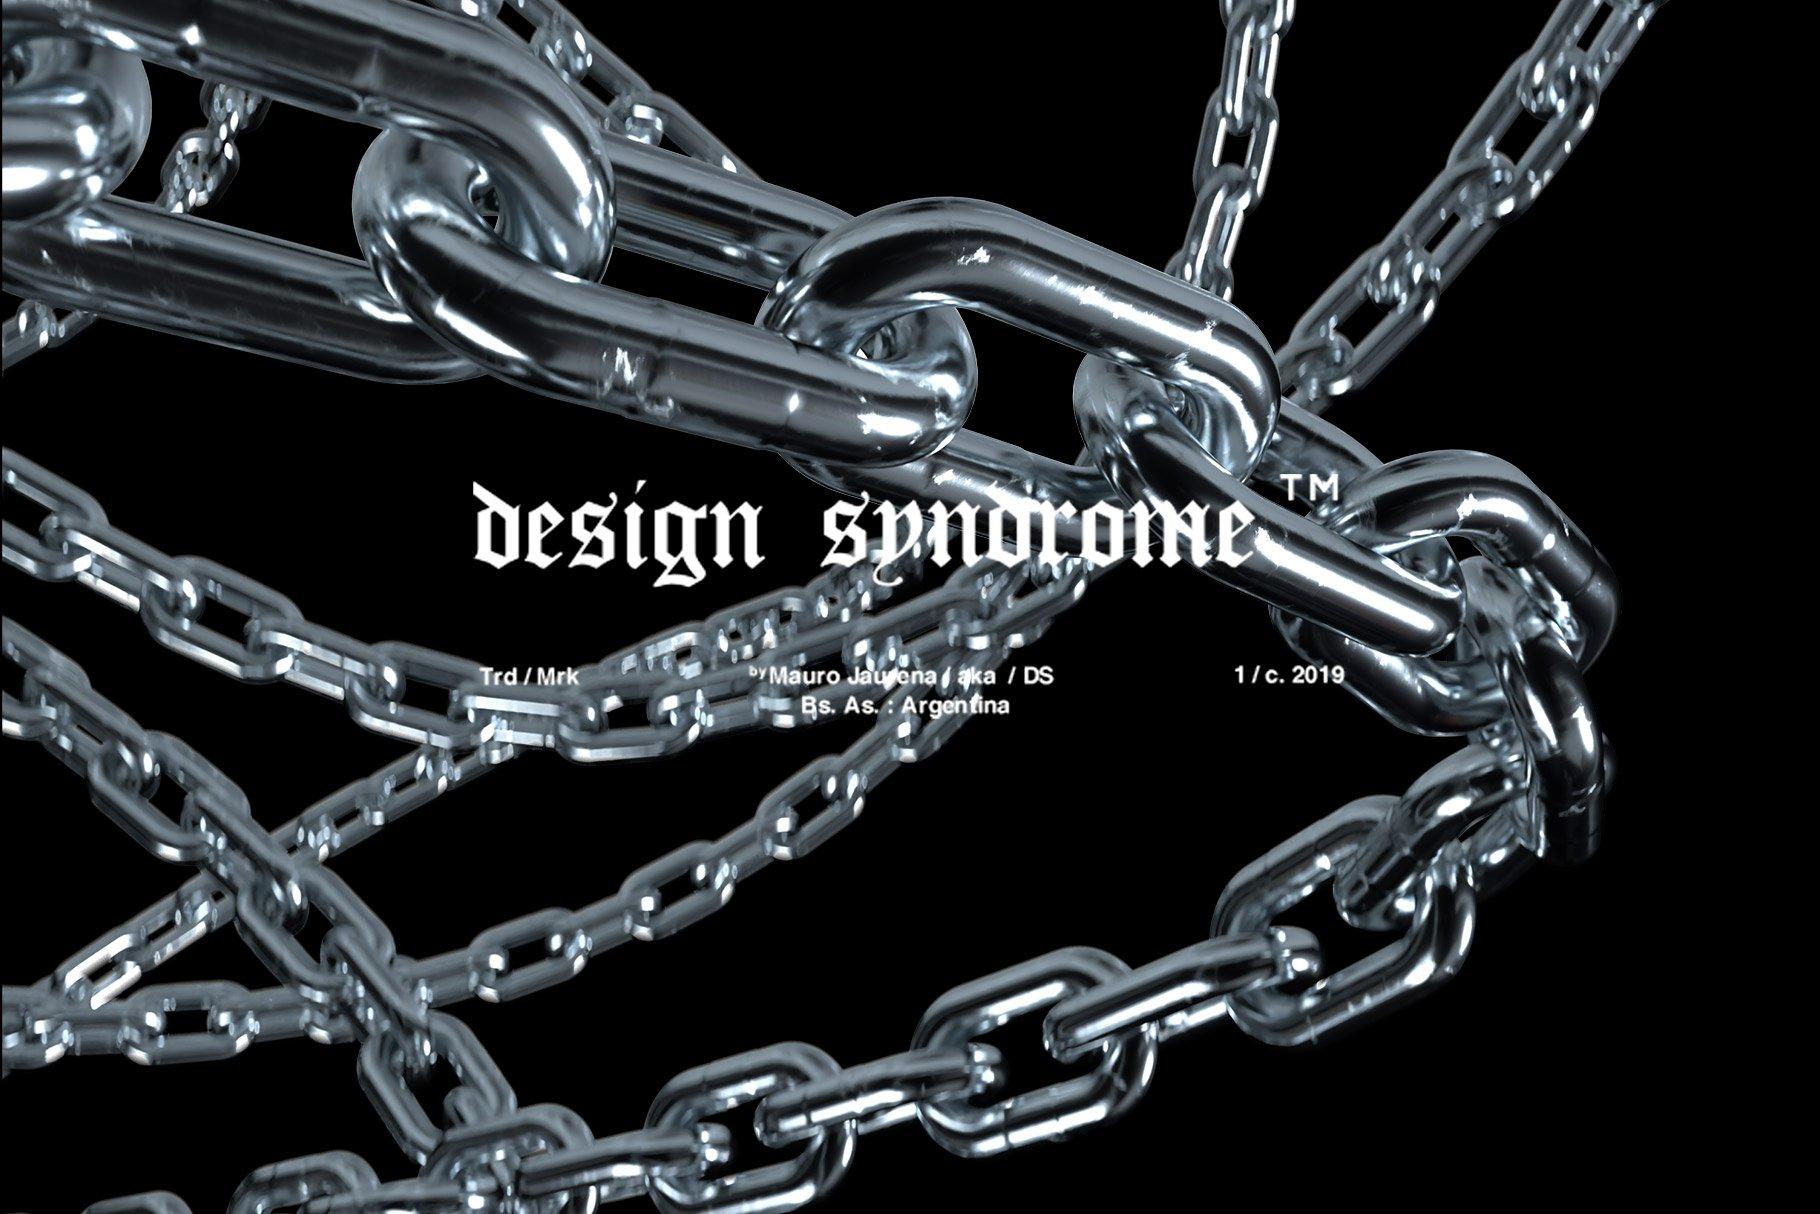 [单独购买] 50款潮流炫酷金属质感锁链海报设计背景PNG免扣图片素材 Design Syndrome – Chainz PNG Pack插图4